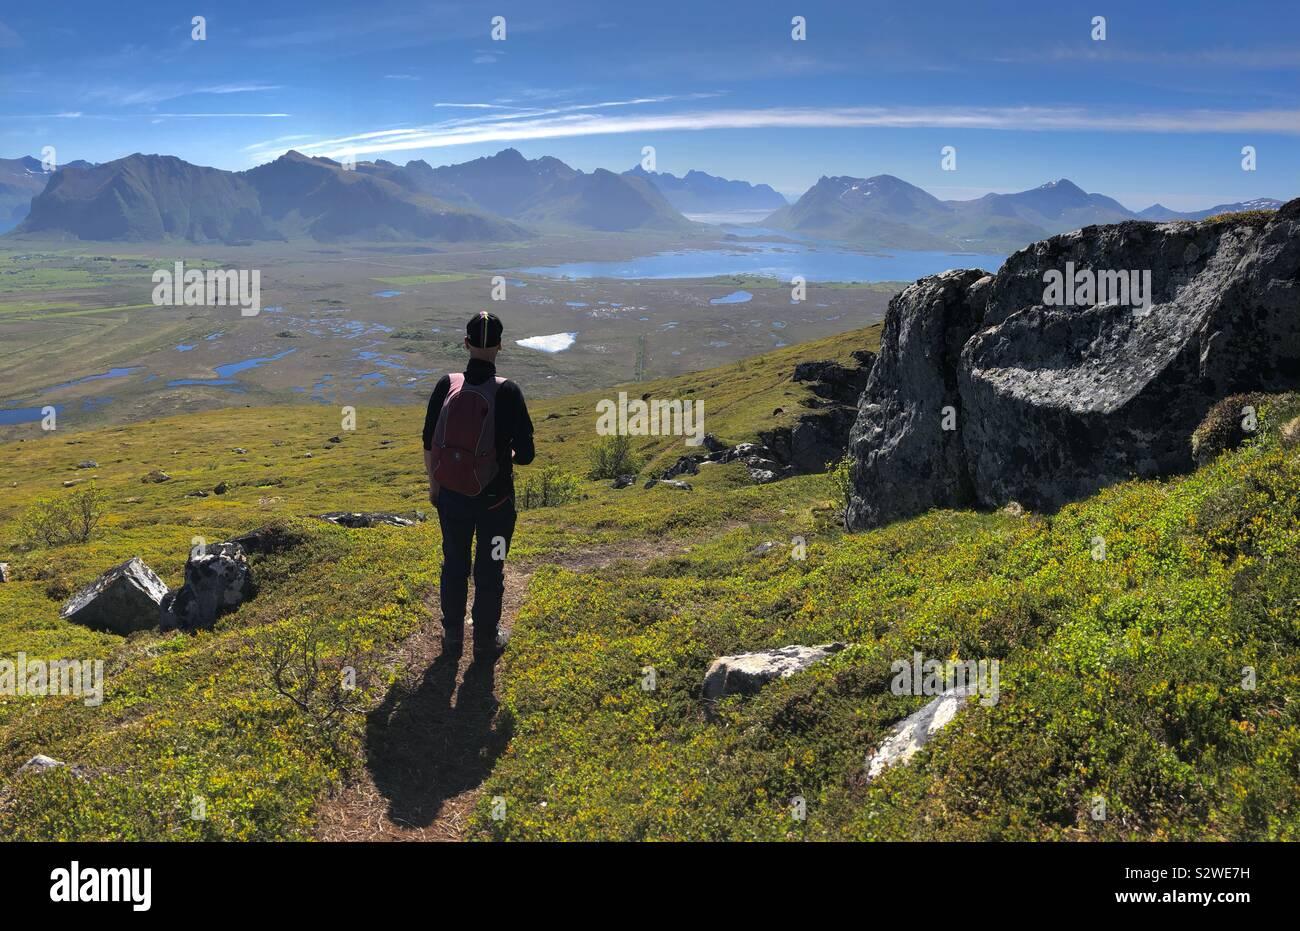 Uomo che cammina sul Monte Hoven, Gimsoya, Isole Lofoten in Norvegia Foto Stock